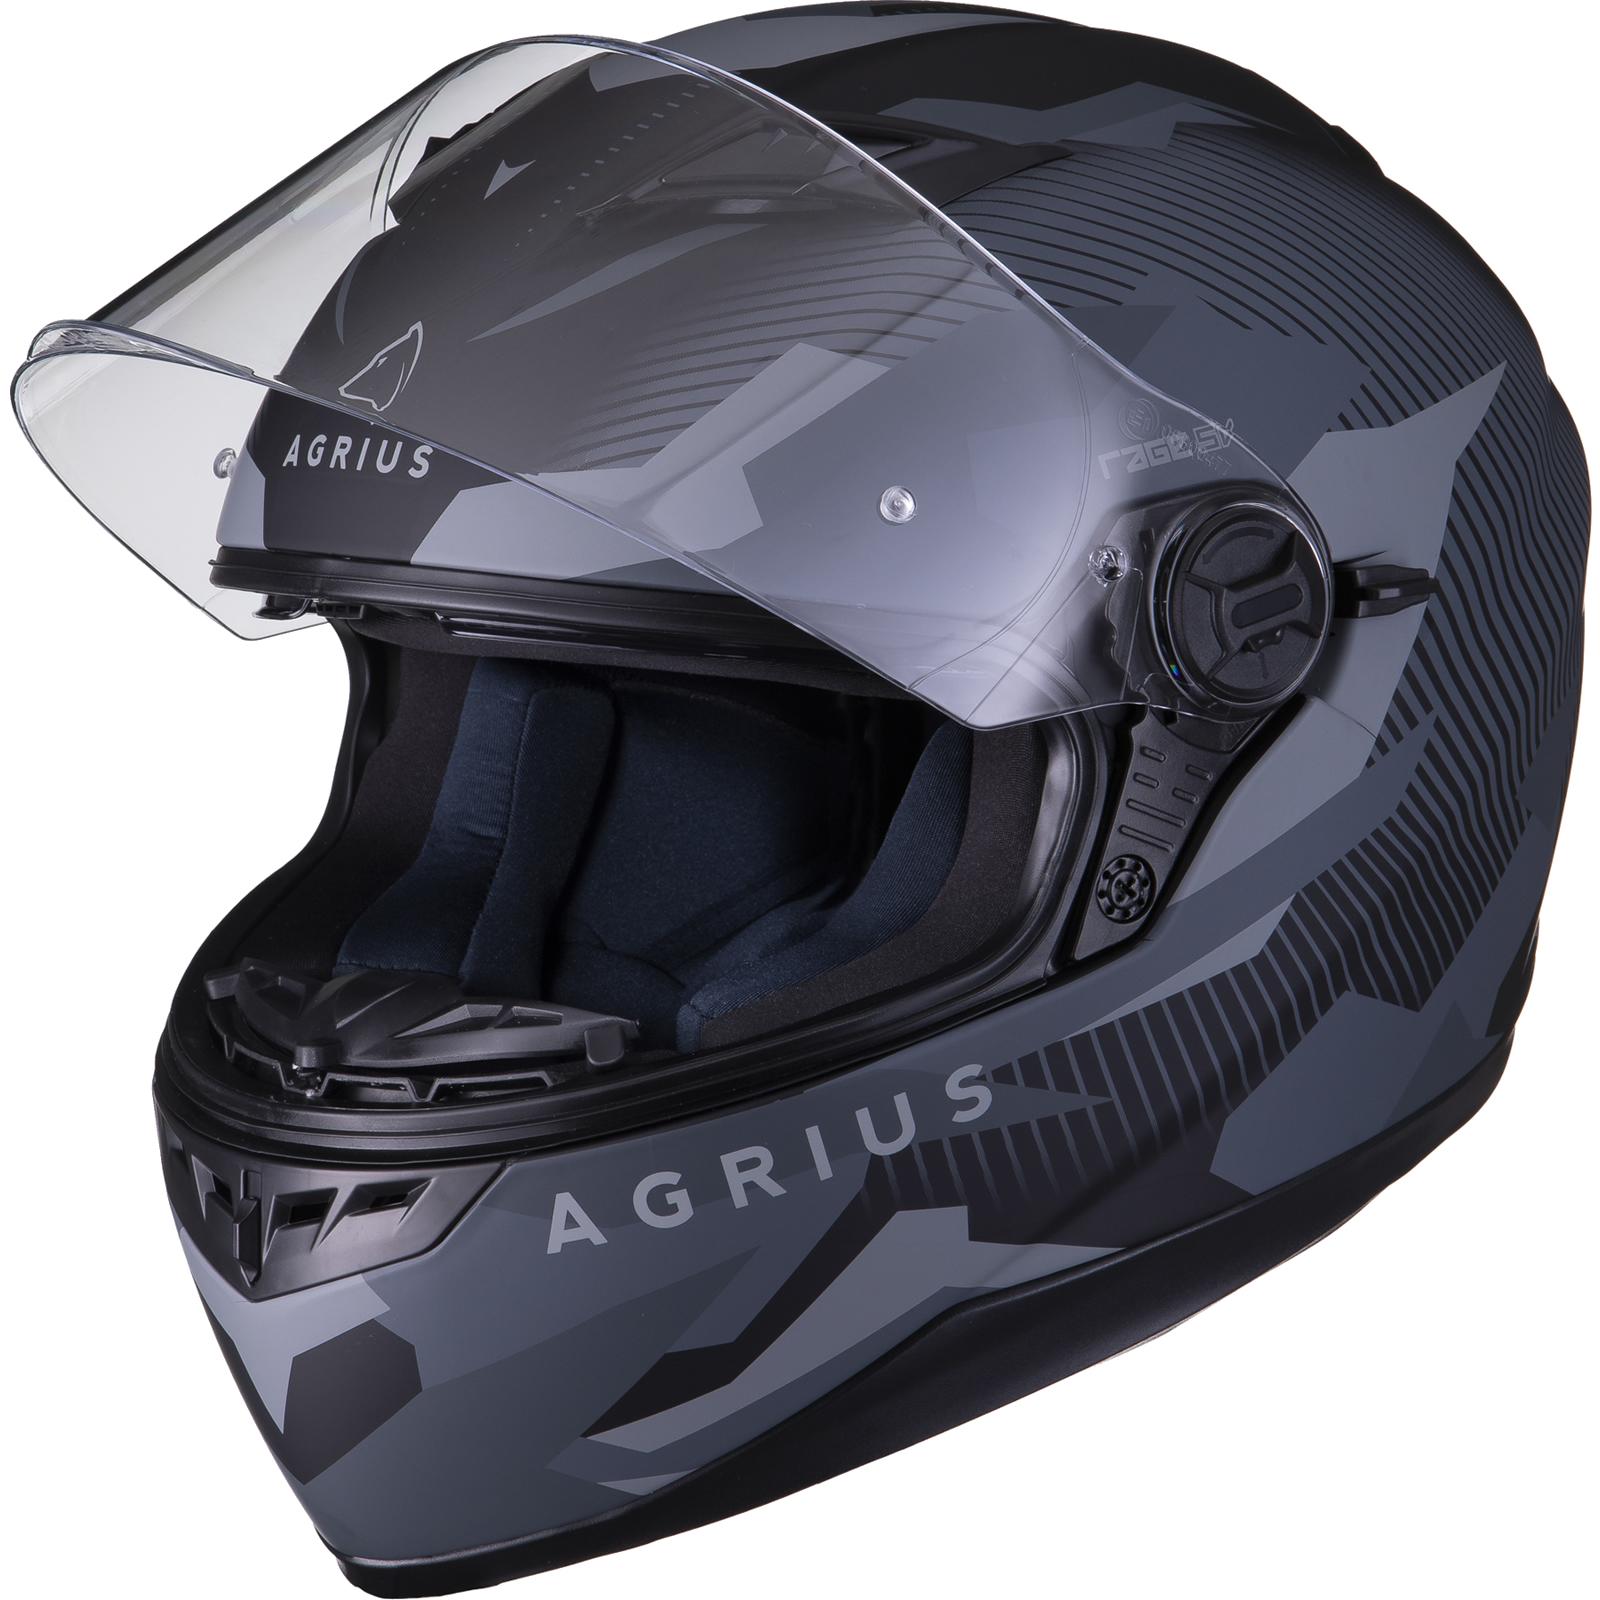 Agrius-Rage-SV-Tracker-Full-Face-Motorcycle-Matt-Helmet-bike-Road-Bike-Scooter thumbnail 16